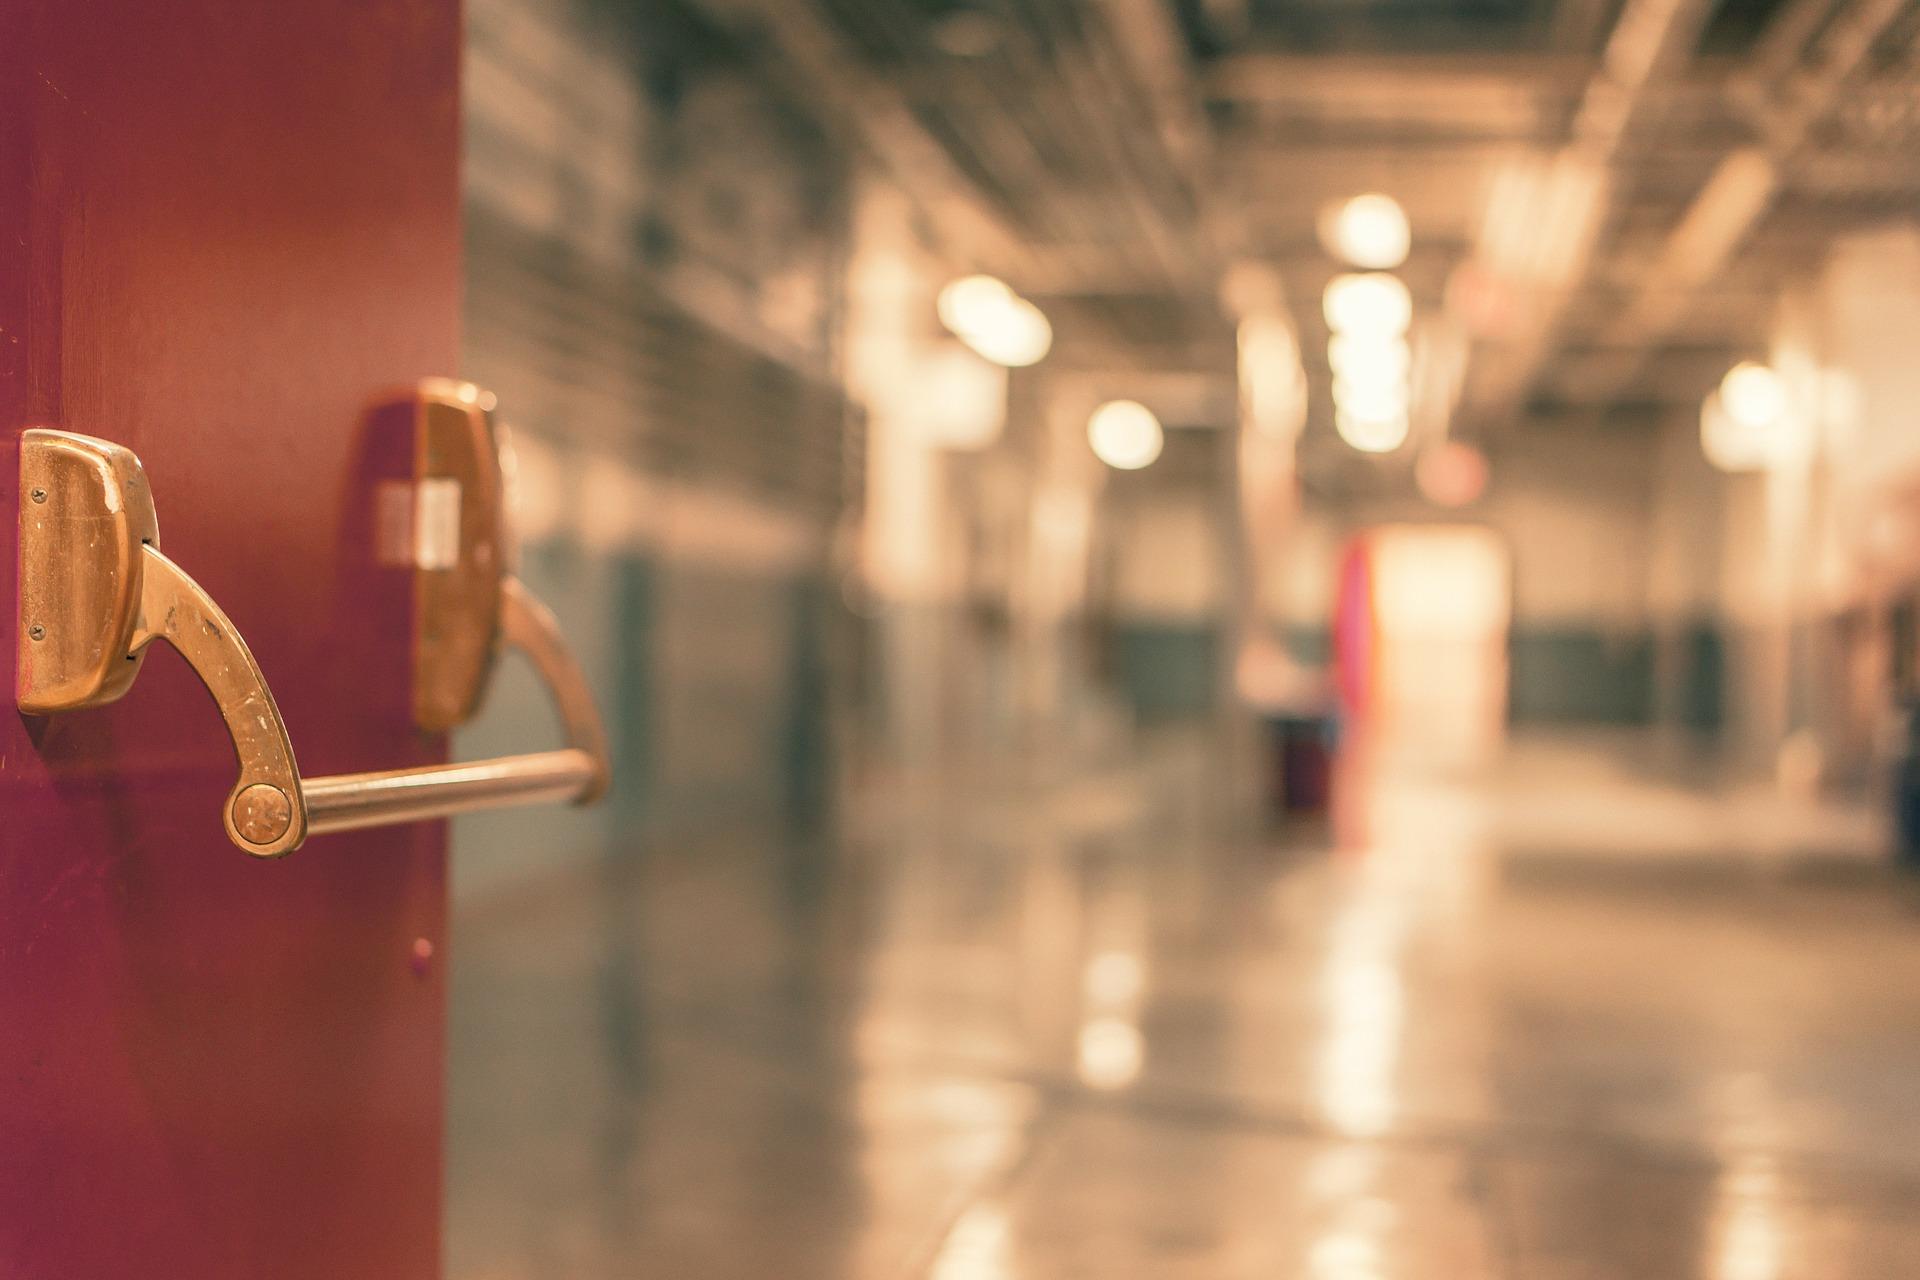 Pianificare la dimissione dei soggetti adulti ricoverati nel dipartimento chirurgico: uno studio osservazionale